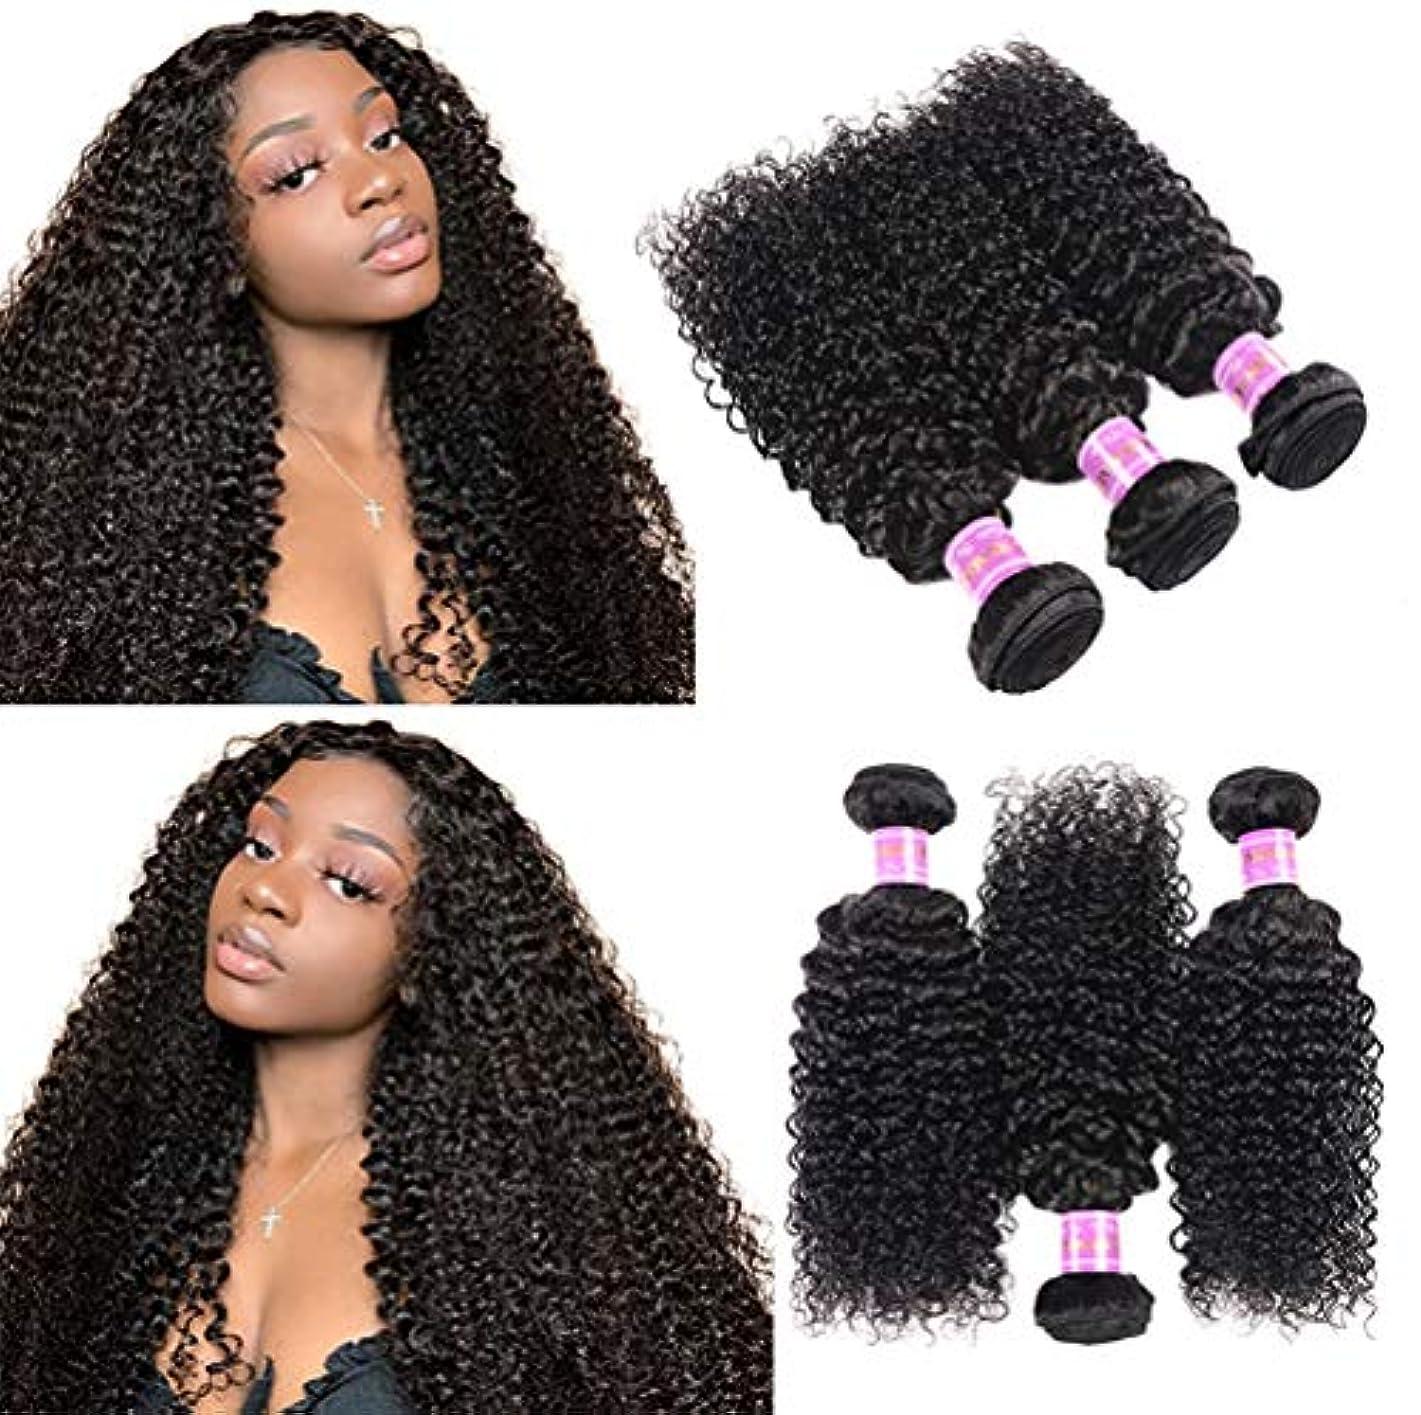 汚染お肉危険な女性ブラジルのボディウェーブの毛の束ブラジルのボディウェーブバージンの毛100%未処理の二重よこ糸の人間の毛髪延長(3束)